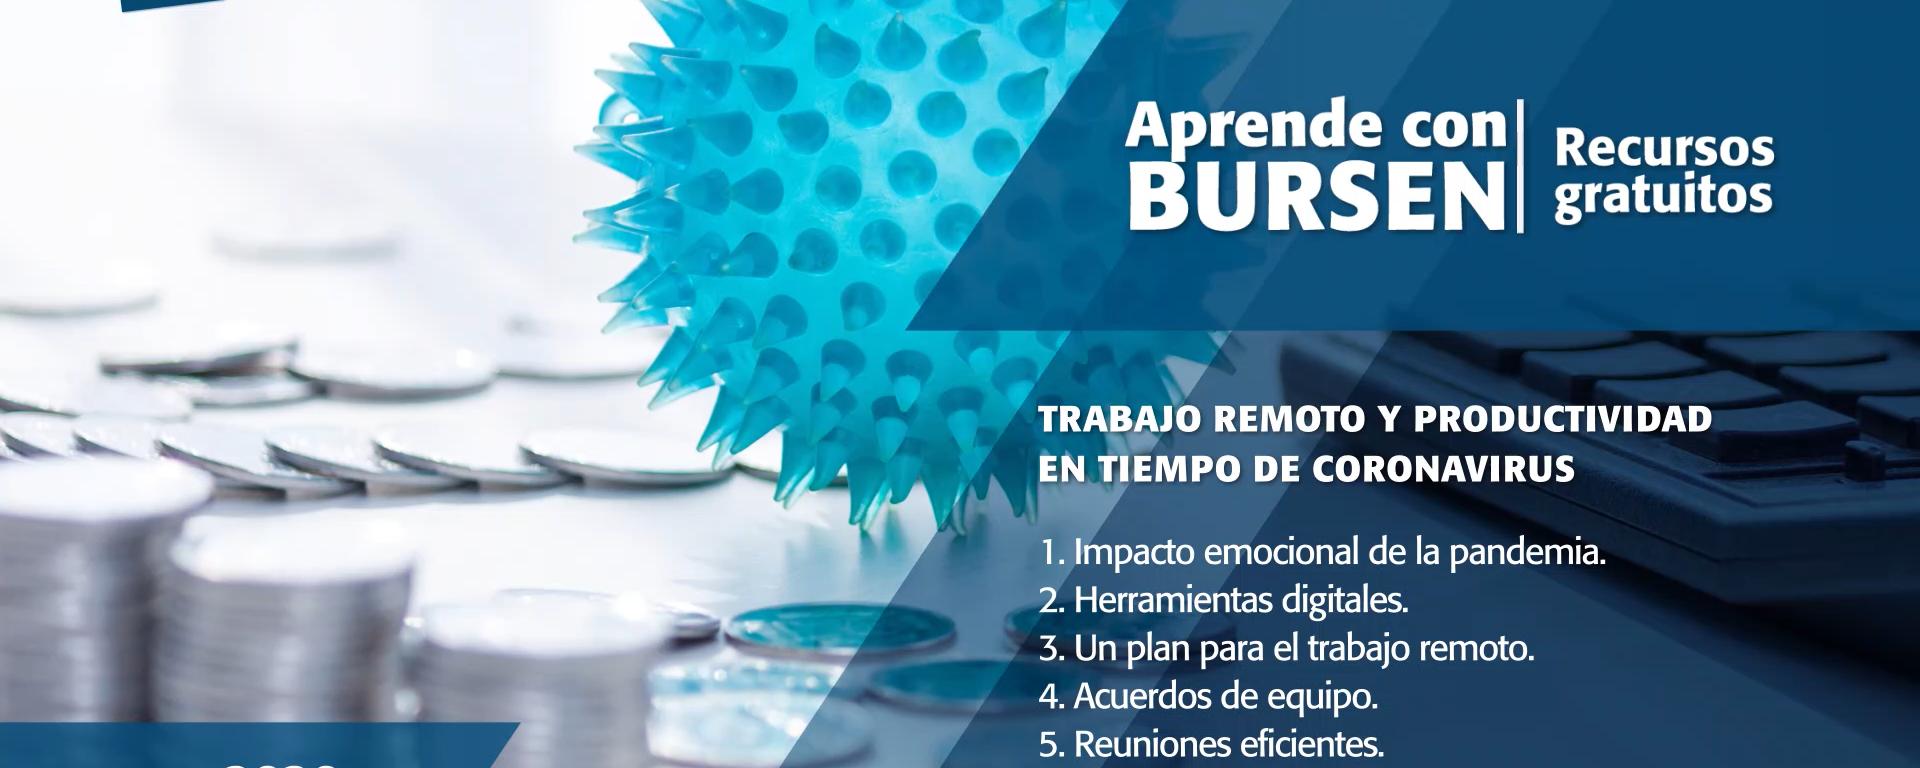 """Open BURSEN-Charla Gratuita: """"Trabajo remoto y productividad en tiempos de Coronavirus"""""""